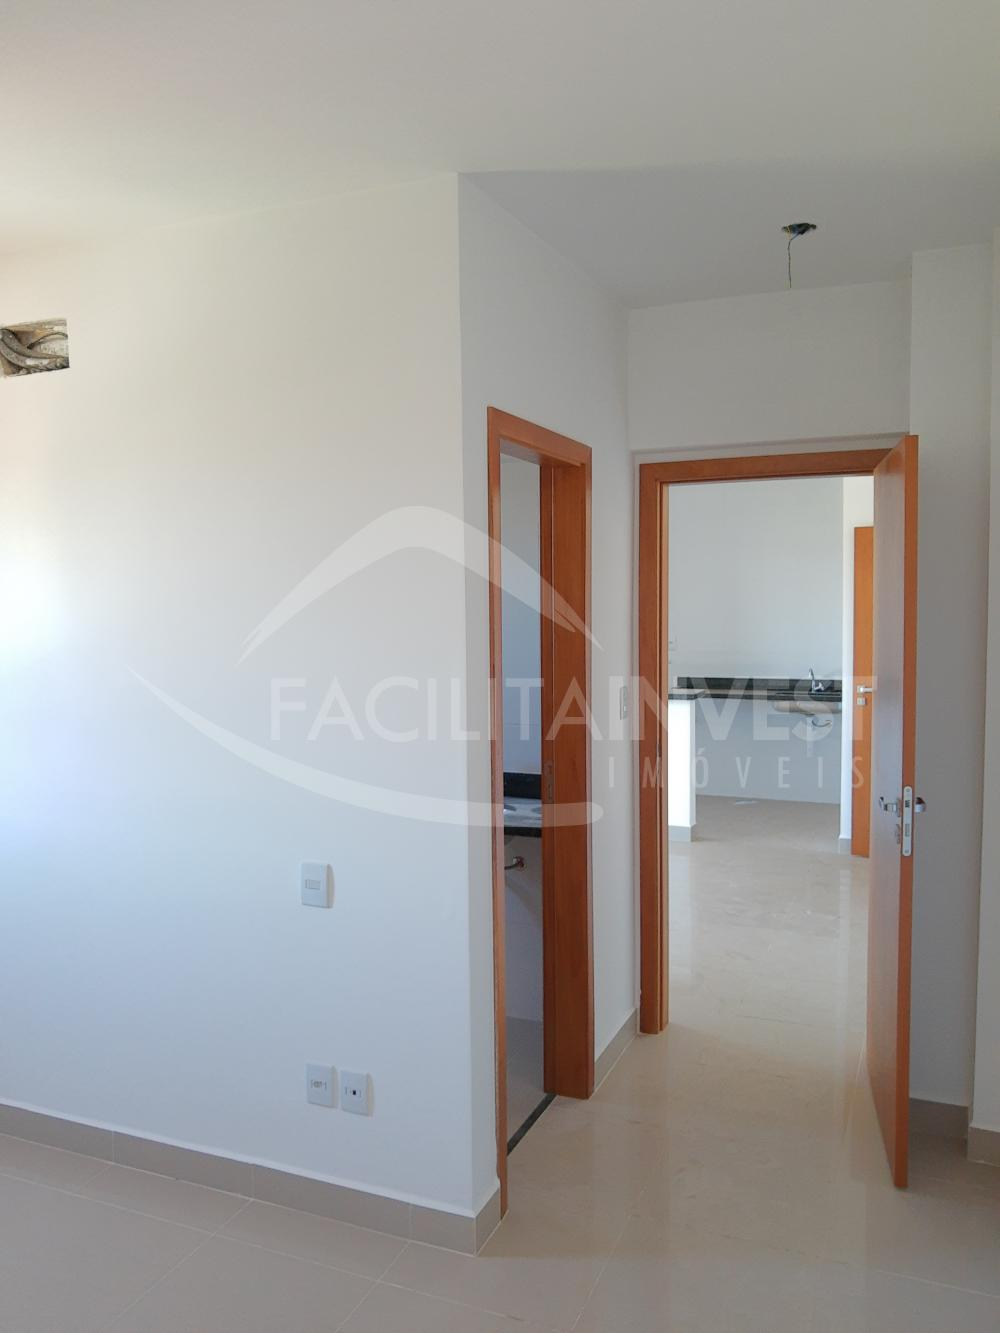 Comprar Apartamentos / Apart. Padrão em Ribeirão Preto apenas R$ 249.000,00 - Foto 14